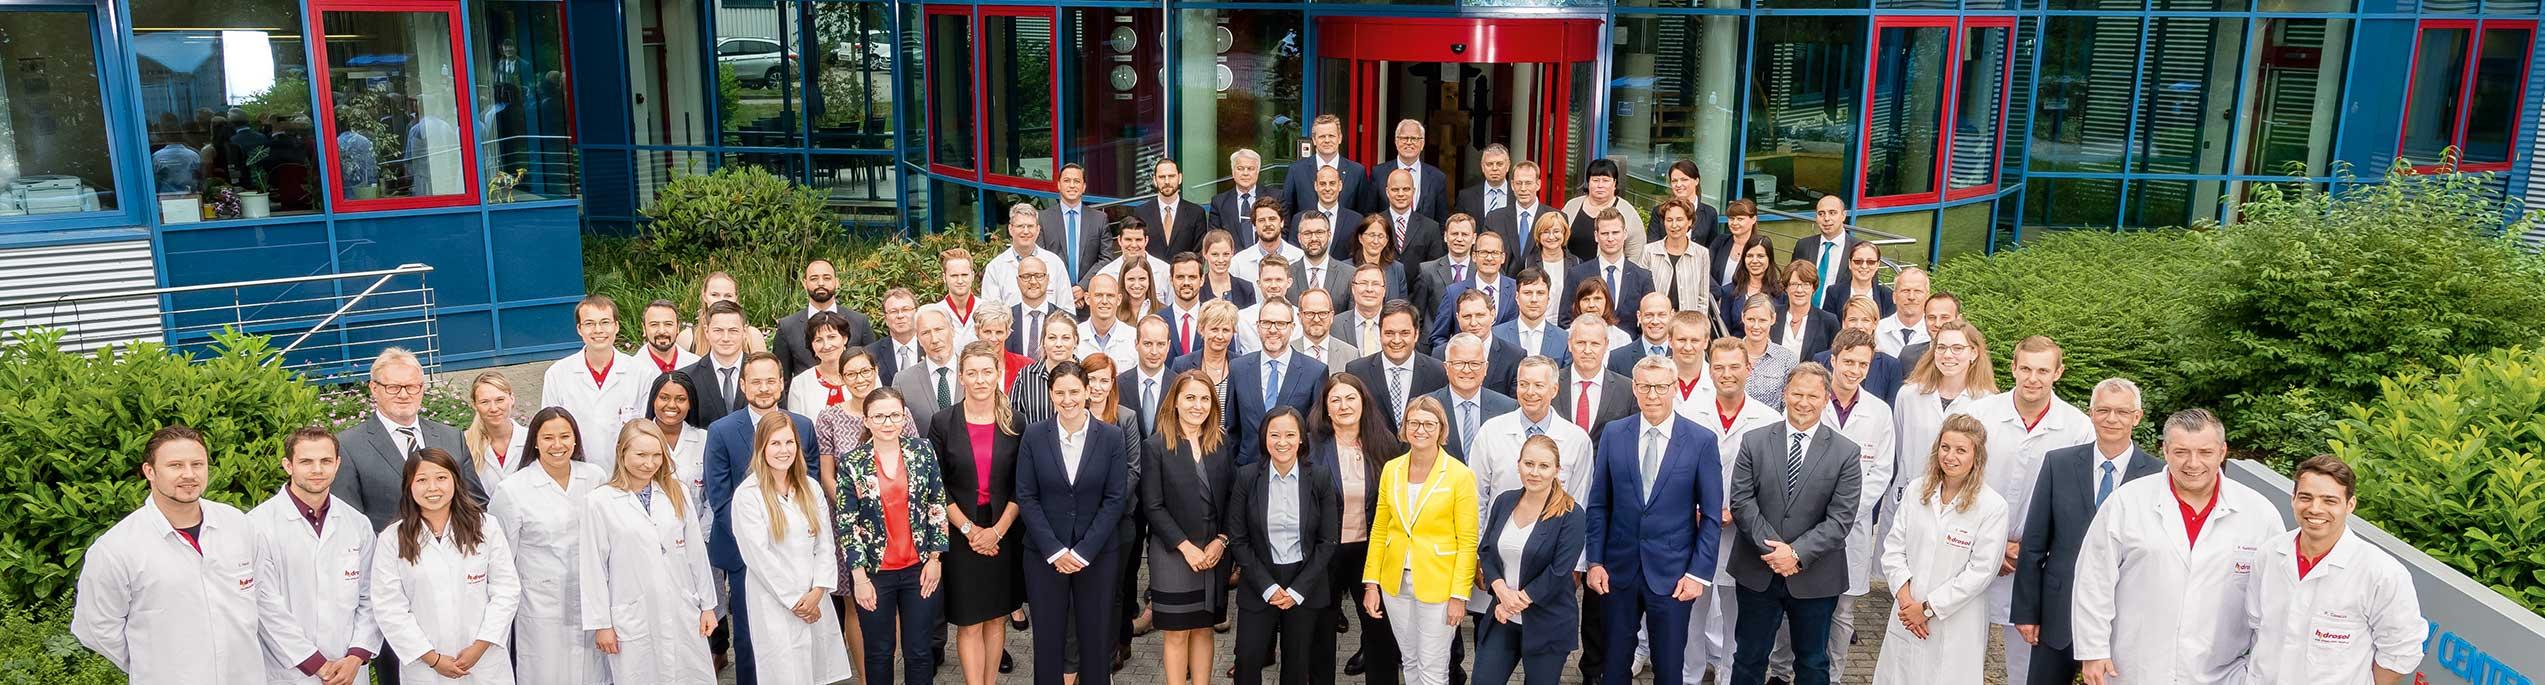 Sternchemie – Unternehmen: Internationale Karrierewege und sichere und abwechslungsreiche Arbeitsplätze